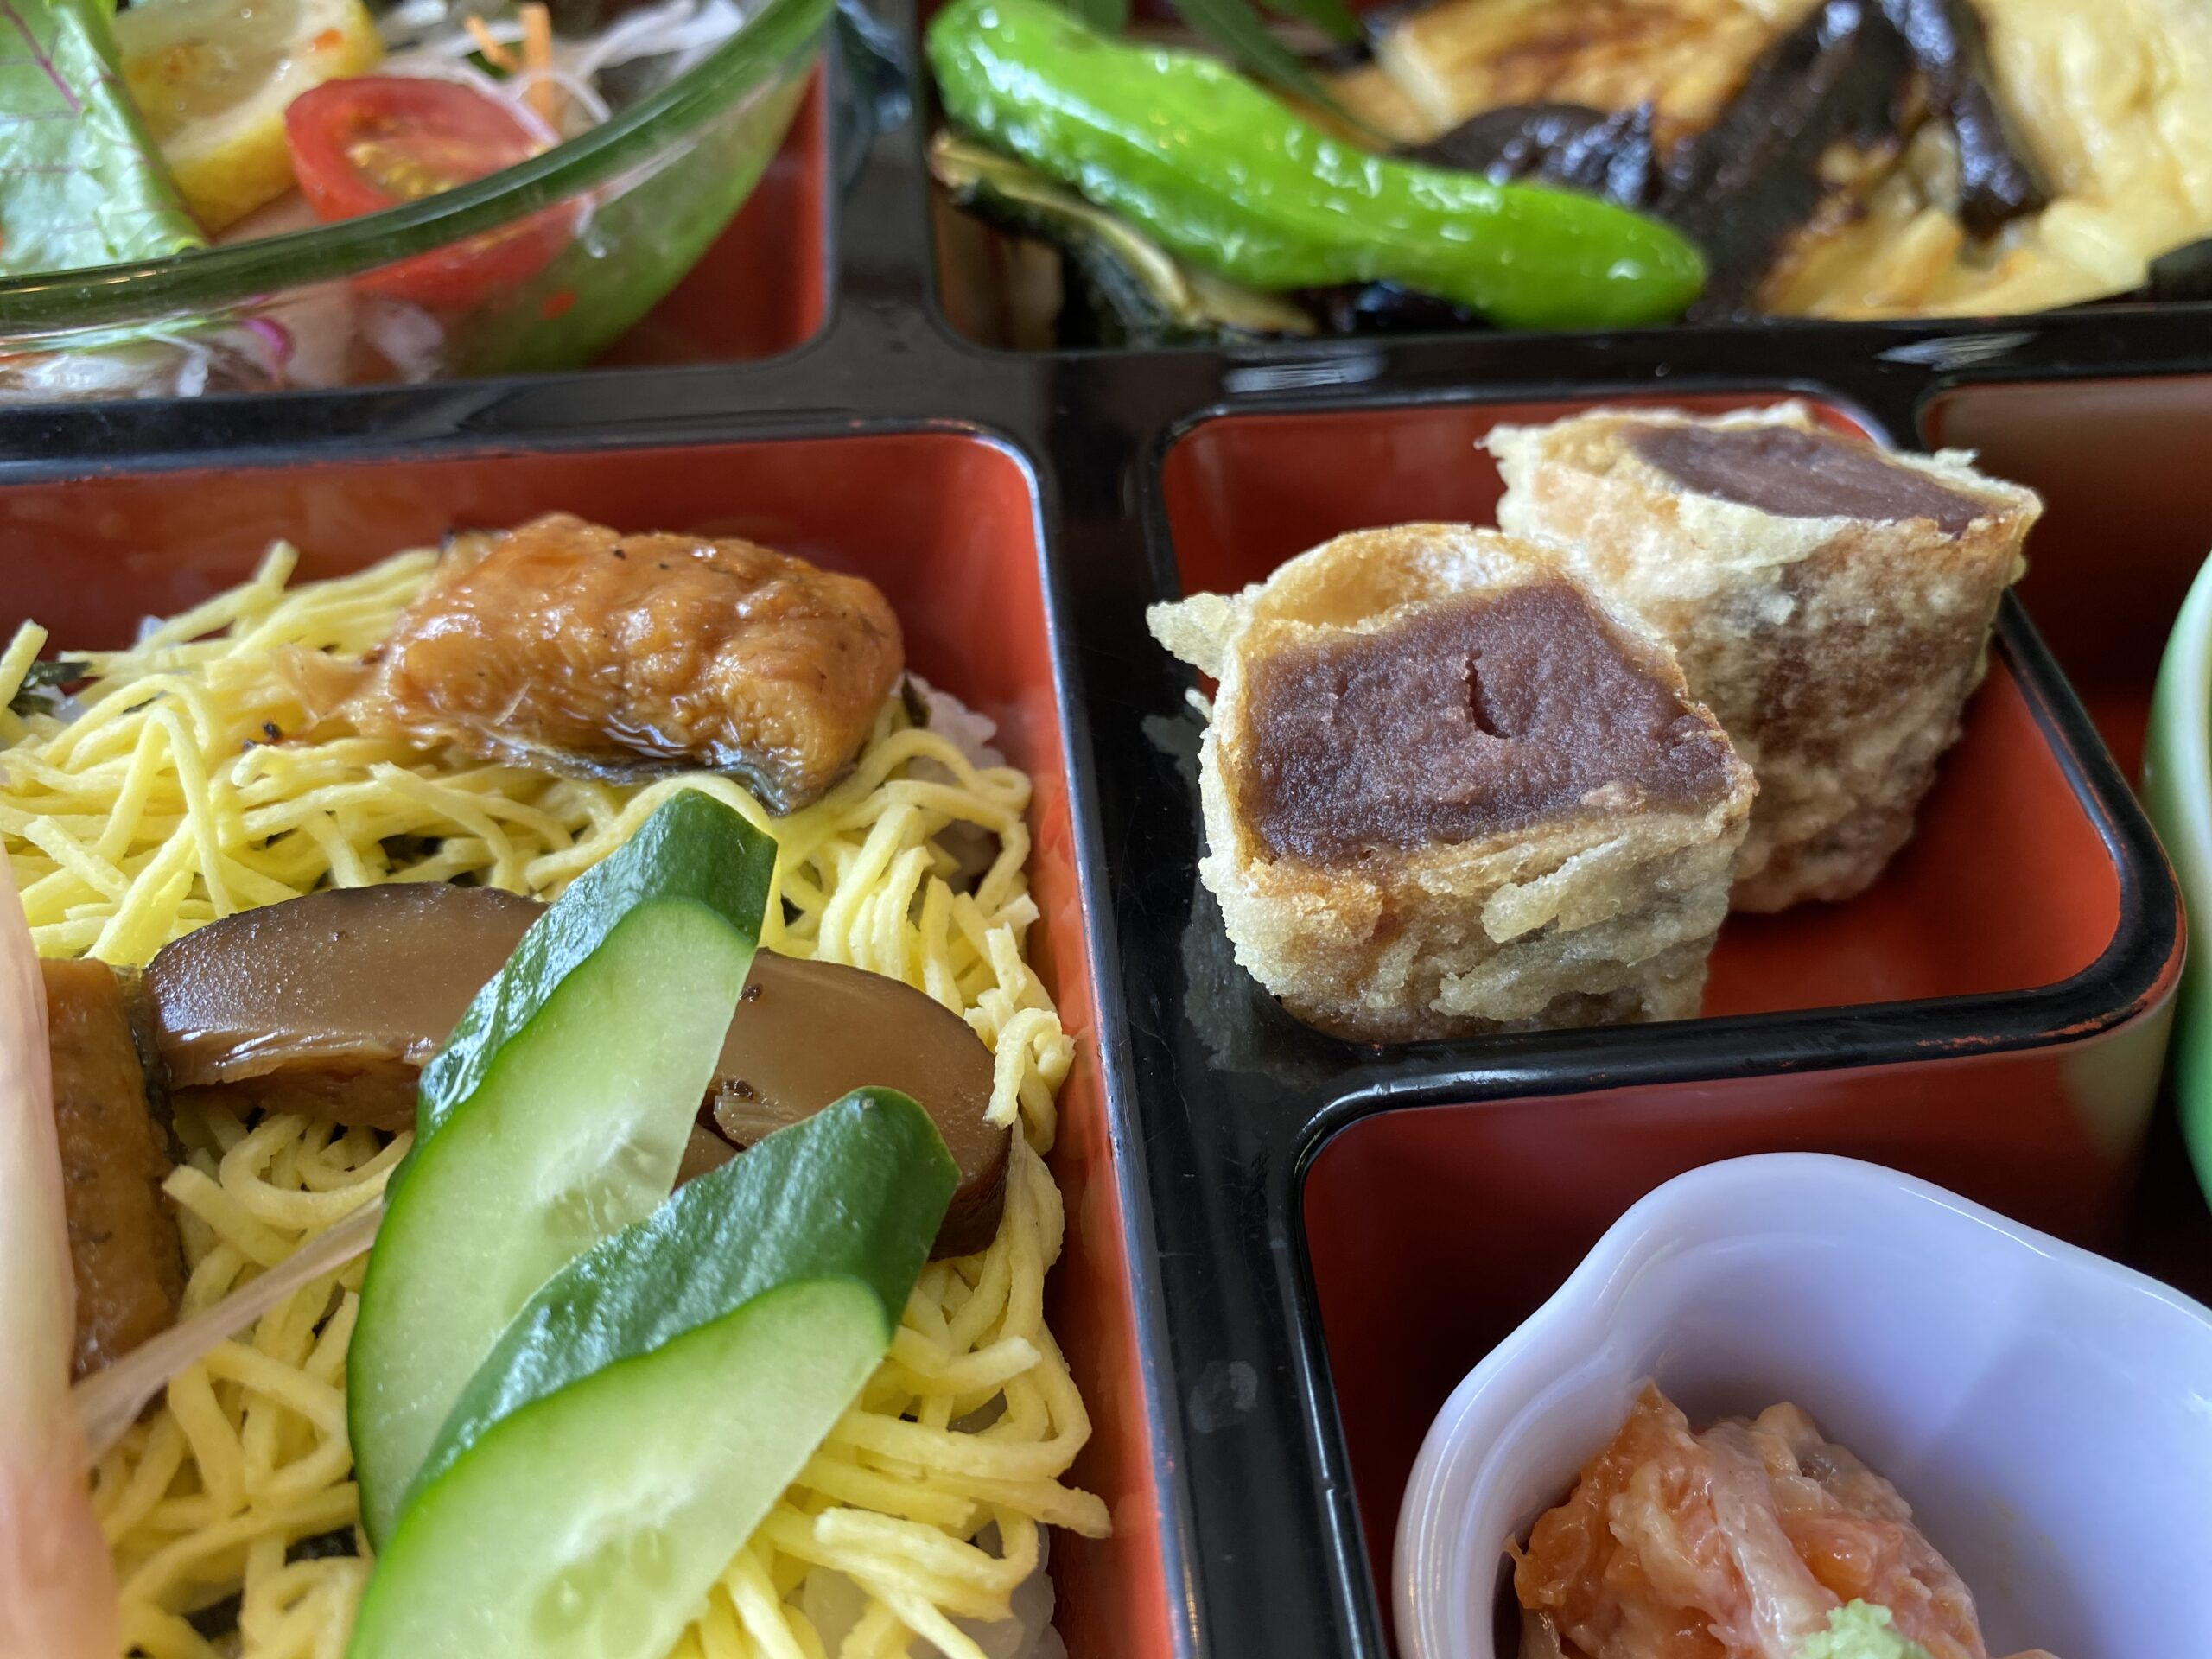 デザートの薄皮饅頭の天ぷら(中央)が大好評。